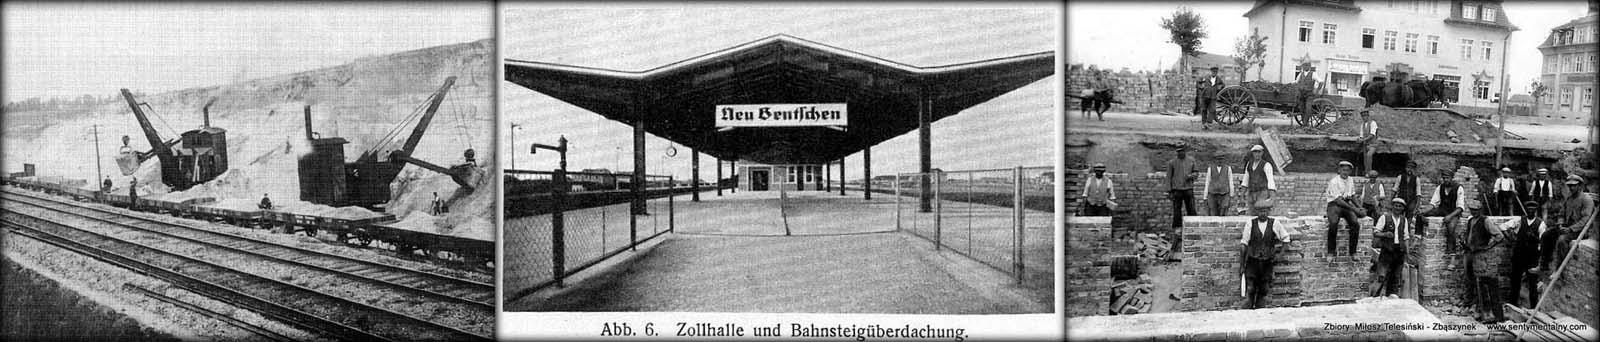 Od lewej: Budowa torowiska w stronę Rzepina tuż za Zbąszynkiem. Widok peronu celnego. Przejścia podziemne uruchomiono dopiero w 1944 roku. Budowa ostatniego etapu budynku stacyjnego w 1930 roku.